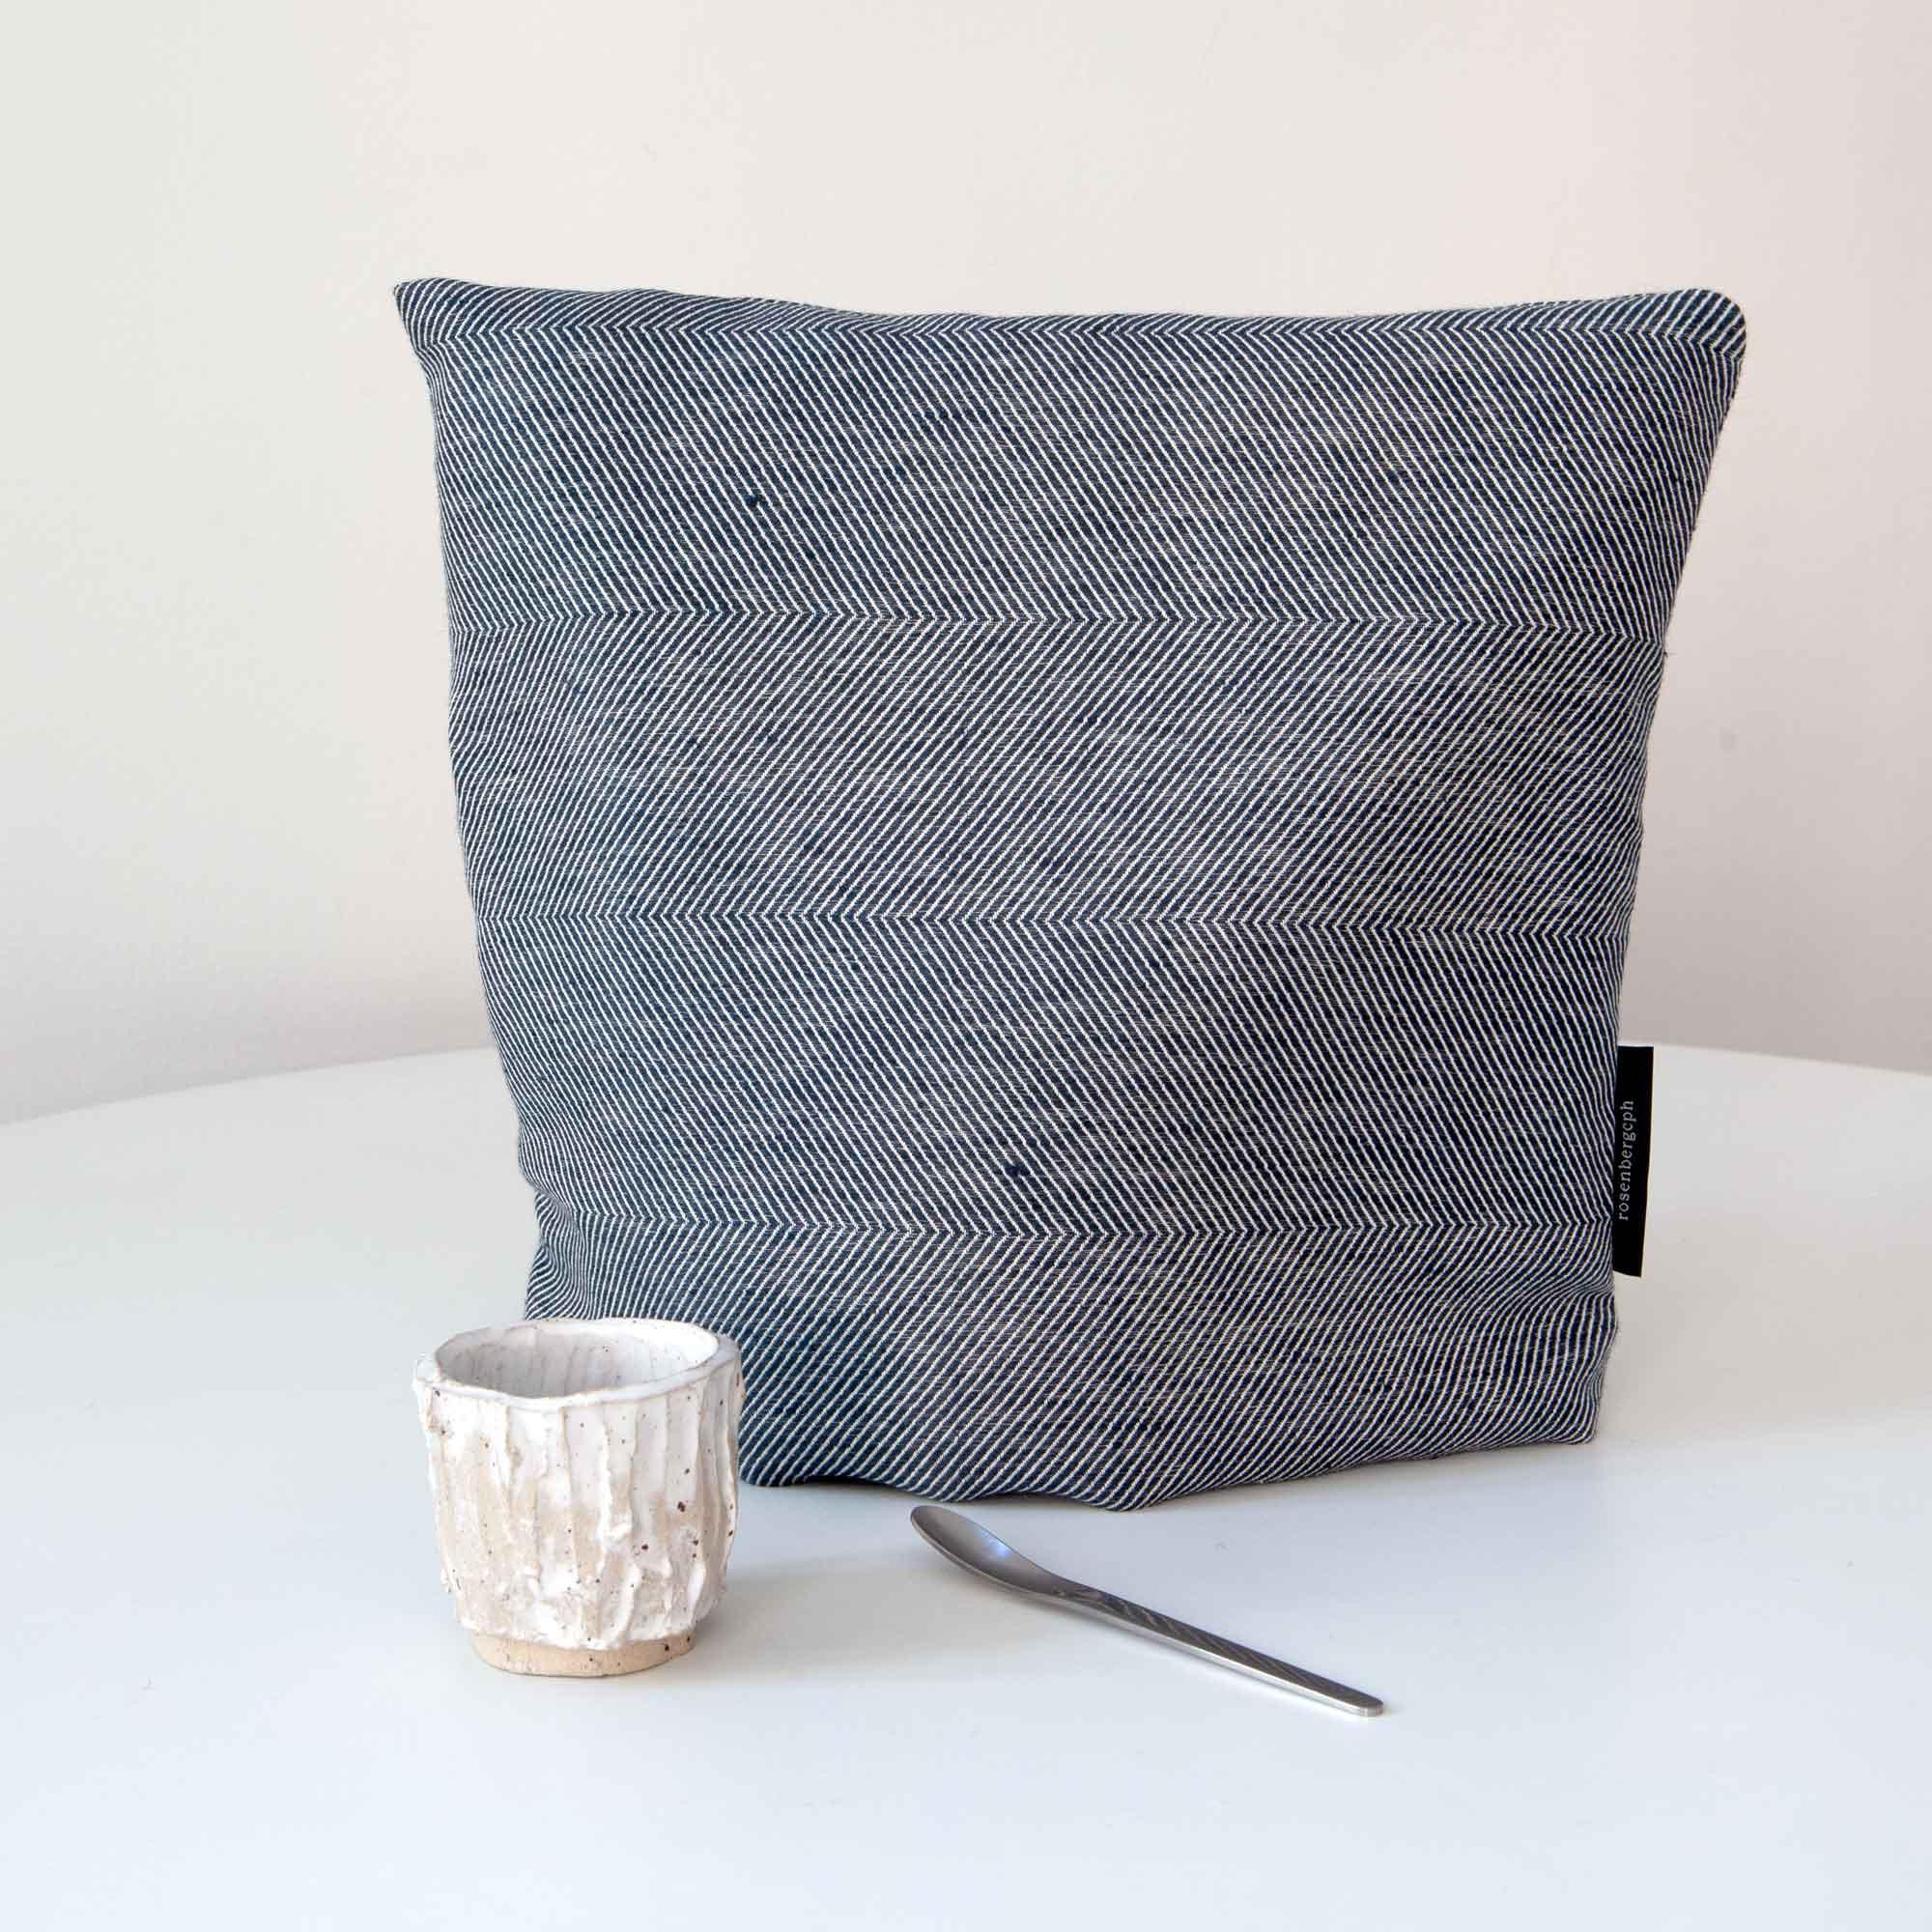 tea cosy, indigo, linen/cotton, design by Anne Rosenberg, RosenbergCph